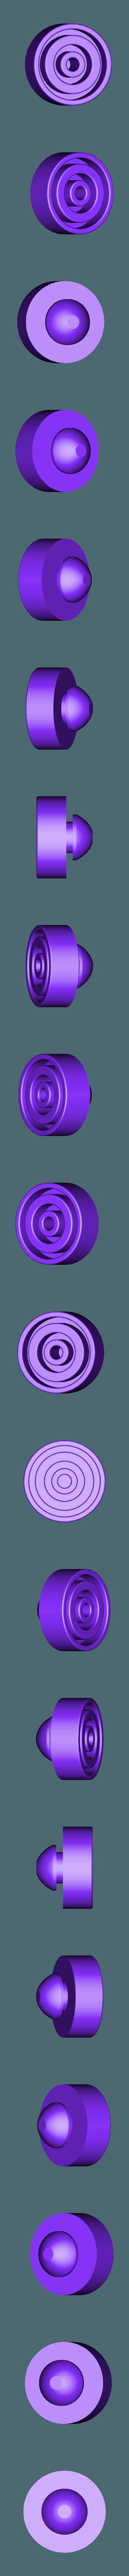 pastille de selle booster v1.stl Télécharger fichier STL gratuit Pastille de selle - Booster MBK Spirit • Objet pour impression 3D, Simonchantcliquet